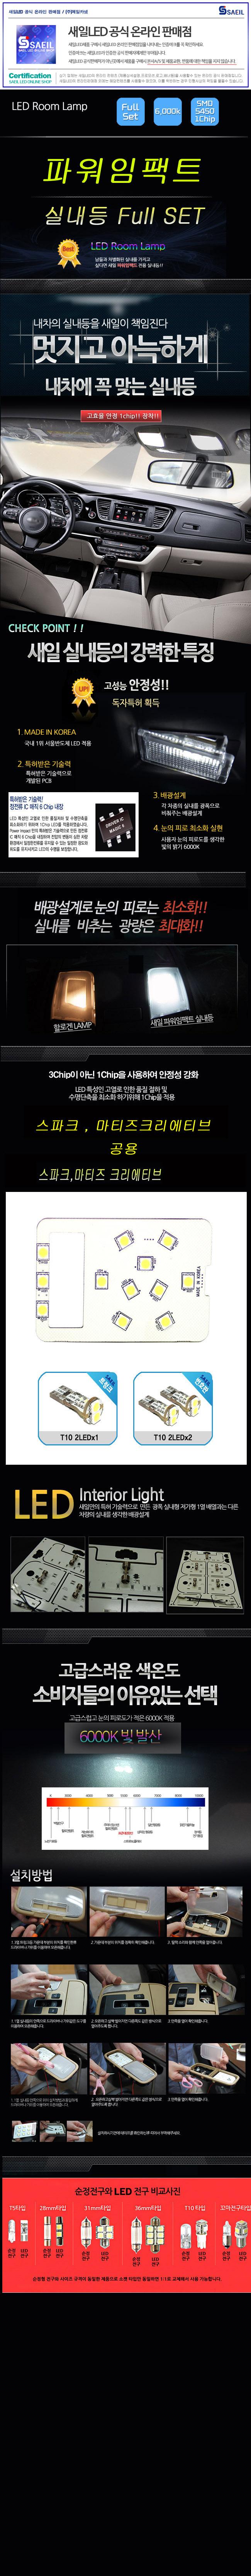 [파워임팩트] 새일 LED실내등 고급형 풀세트 _ 스파크,마티즈크리에티브